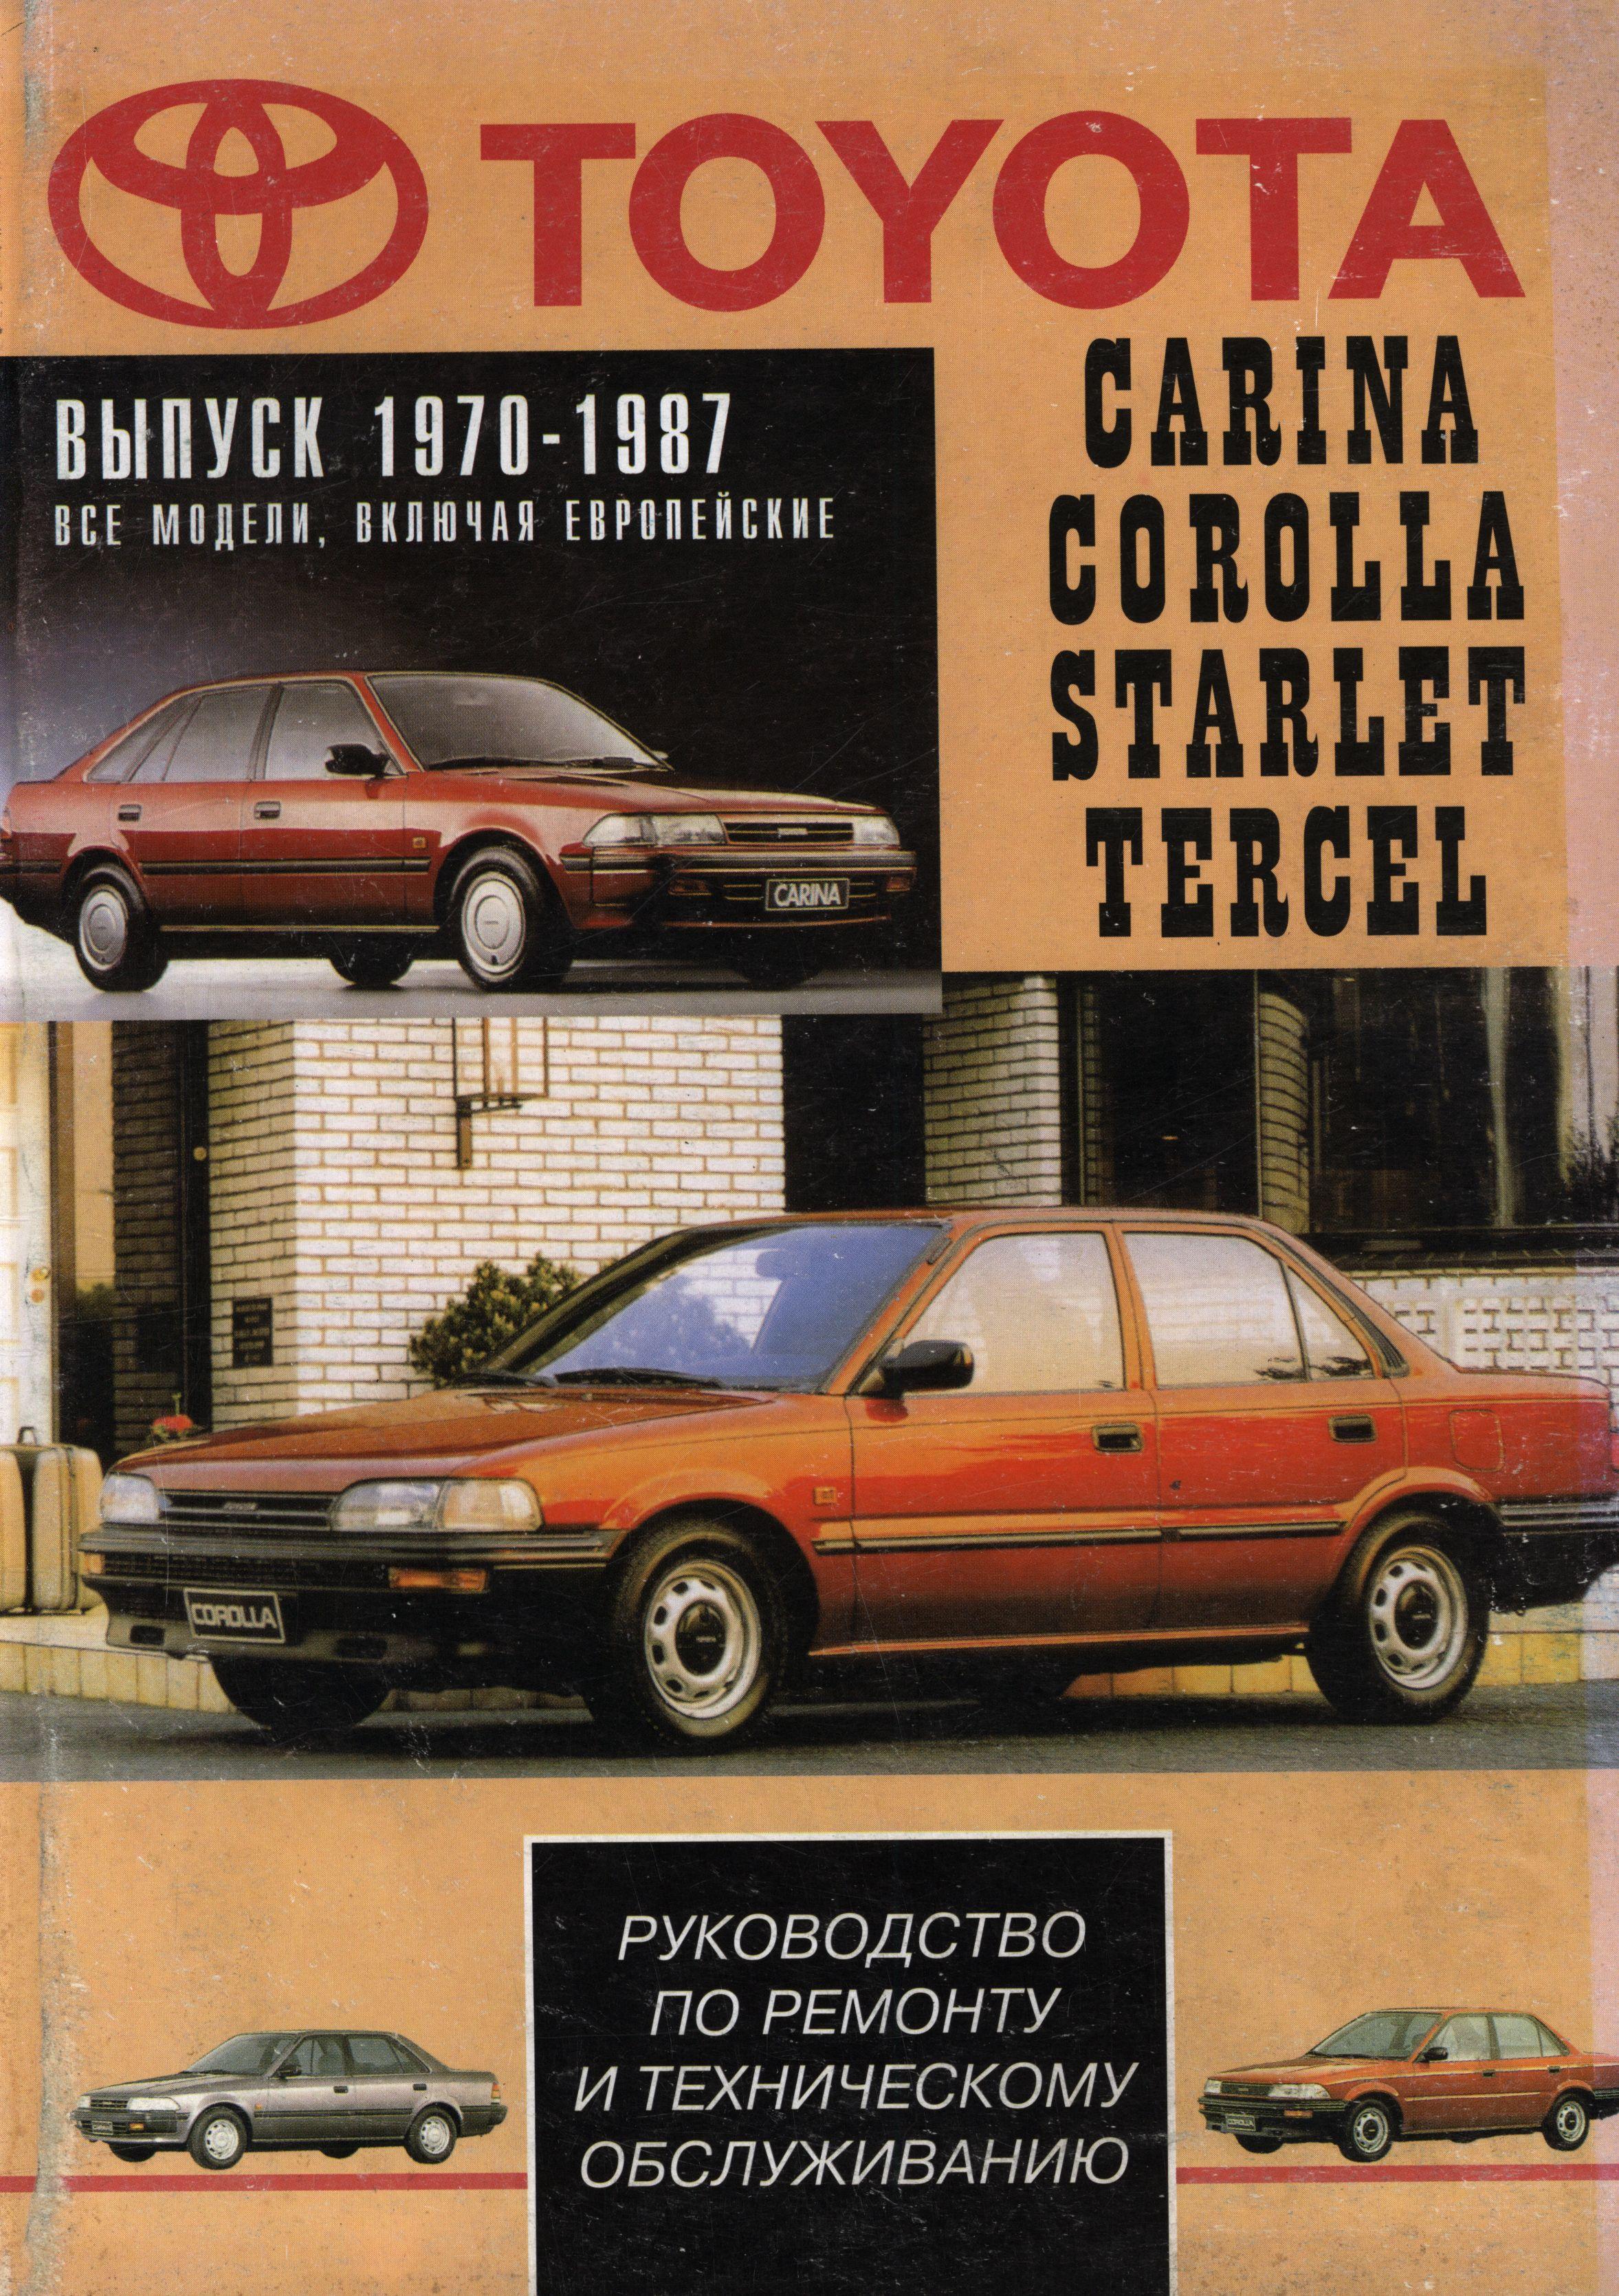 TOYOTA CARINA 1970-1987 Пособие по ремонту и техническому обслуживанию